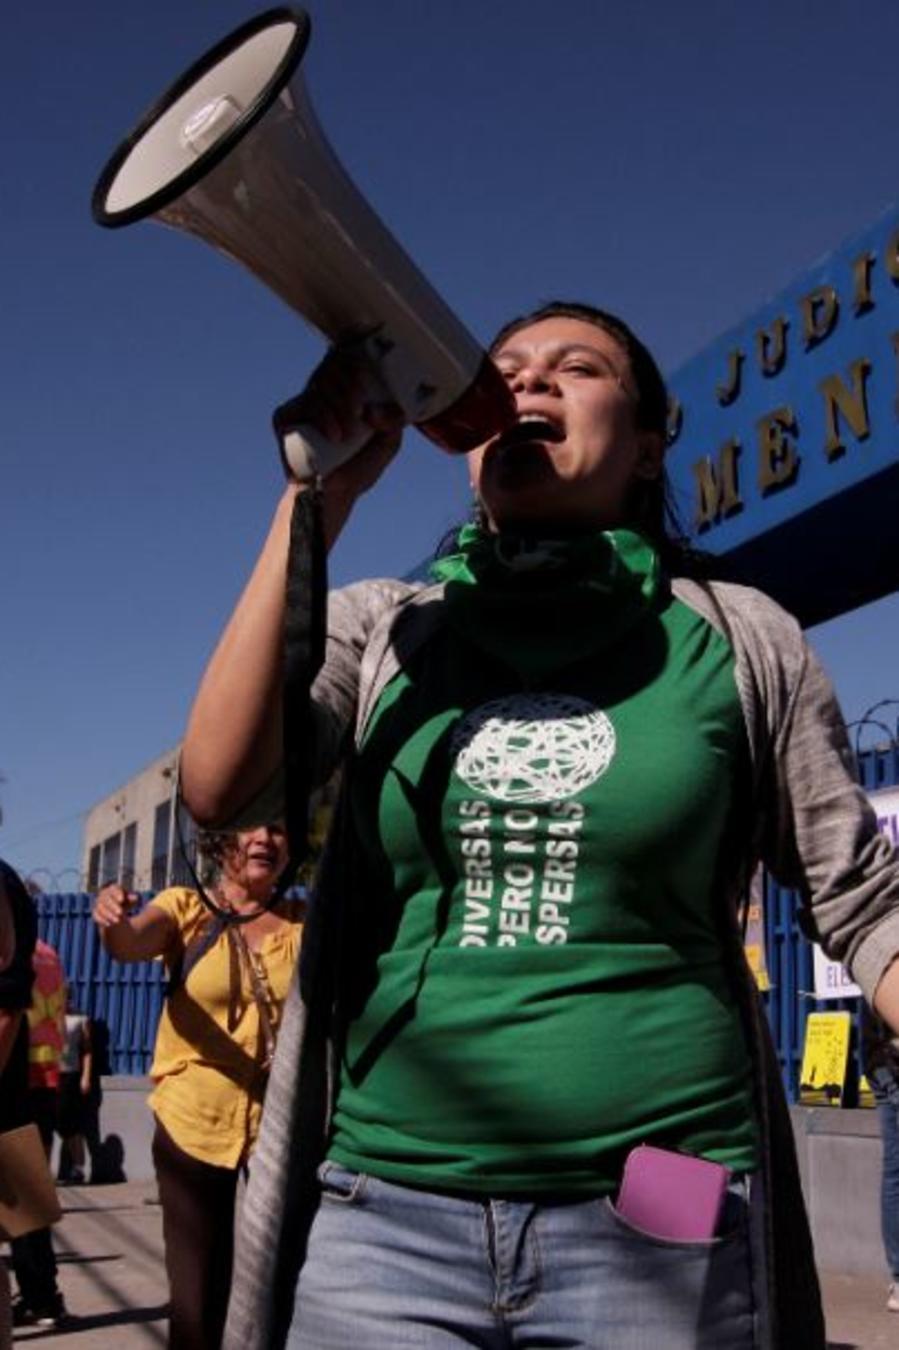 Mujeres protestan frente a una sala de audiencias en una imagen de archivo exigiendo que el gobierno libere a las reclusas que cumplen condenas de 30 años de prisión por abortar en El Salvador.